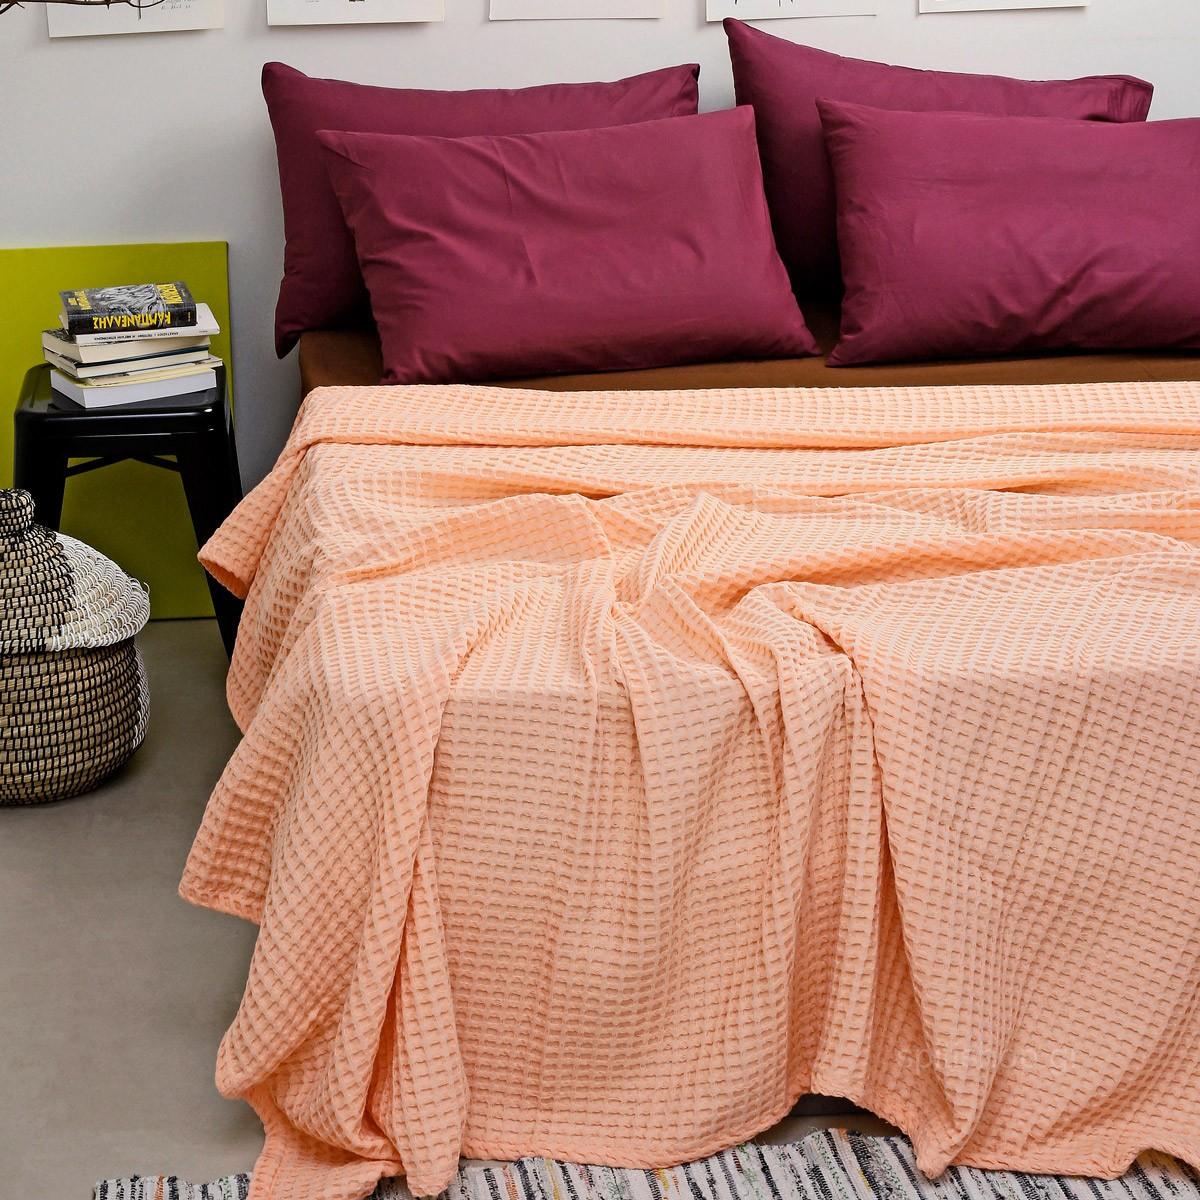 Κουβέρτα Πικέ Διπλή Melinen Bristol Peach home   κρεβατοκάμαρα   κουβέρτες   κουβέρτες πικέ υπέρδιπλες